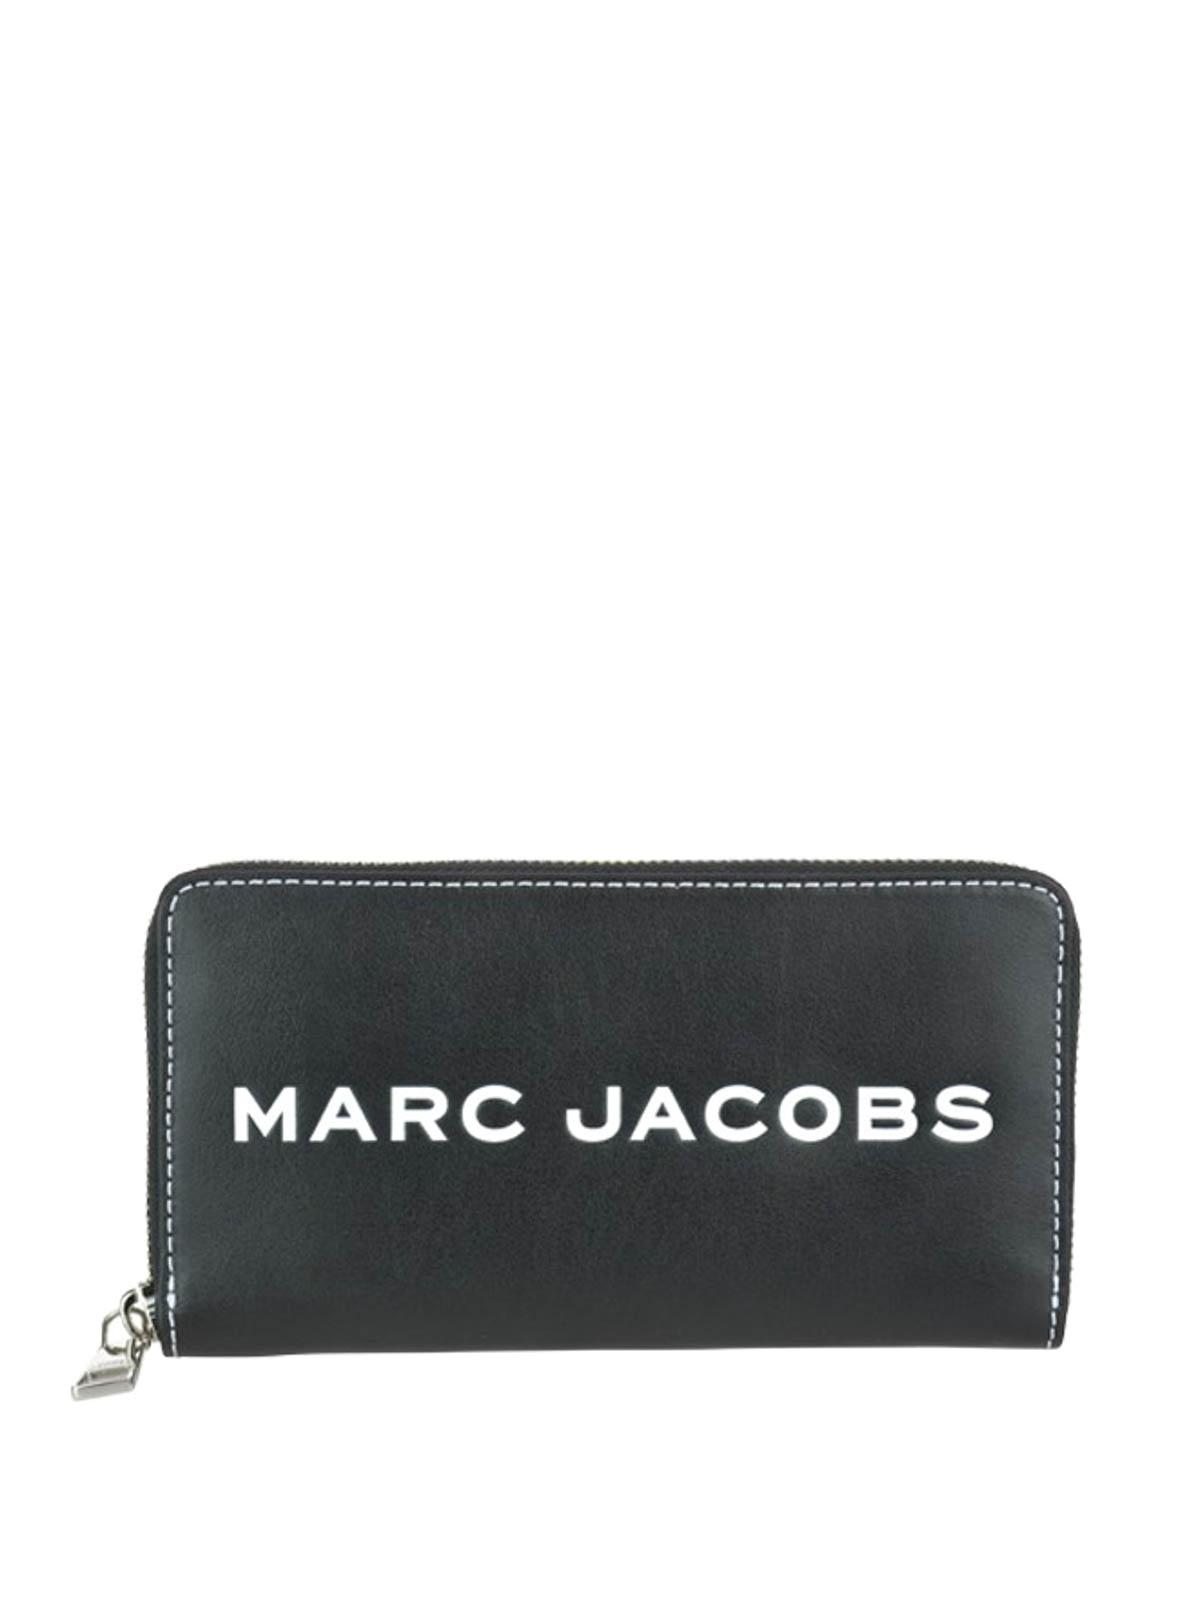 Marc Jacobs - Portefeuilles - Noir - Portefeuilles - M0014583001